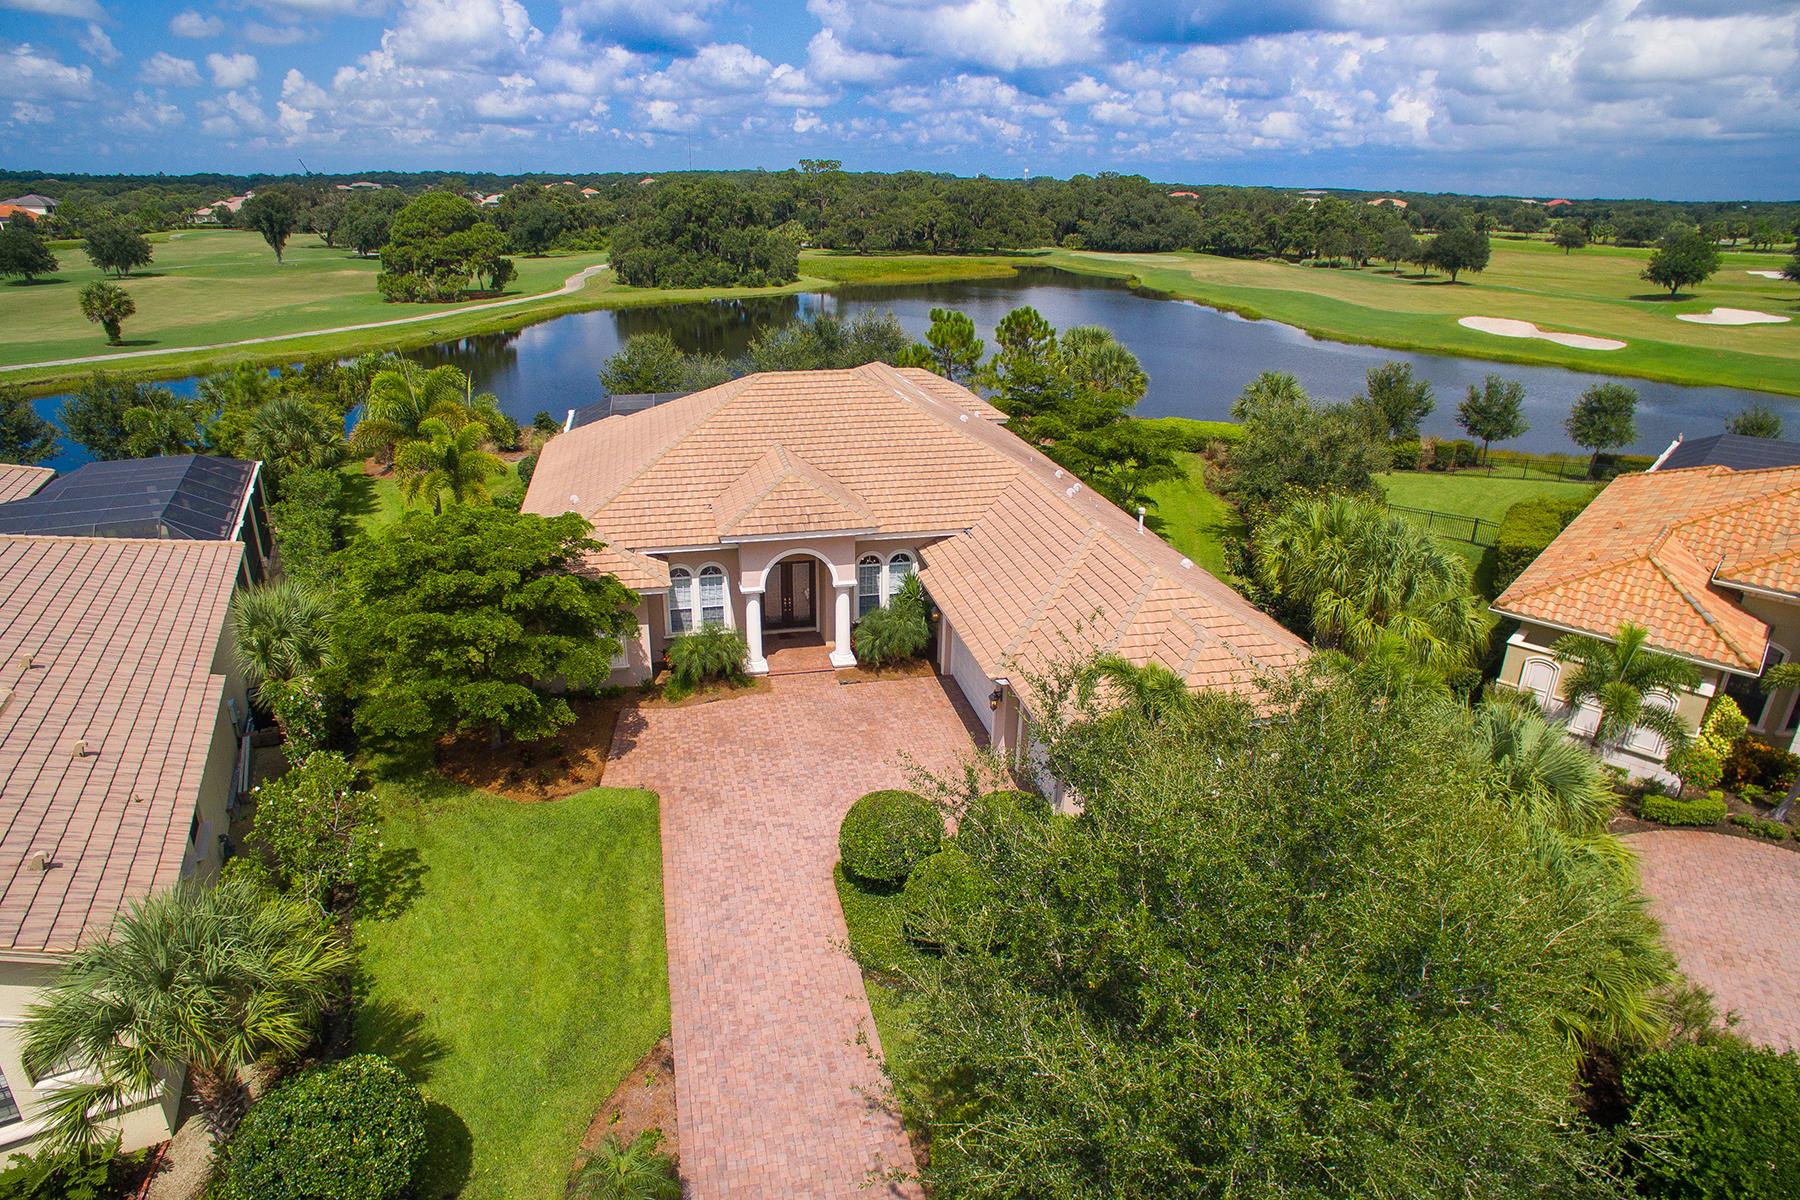 独户住宅 为 销售 在 FOUNDERS CLUB 9206 Mcdaniel Ln 萨拉索塔, 佛罗里达州 34240 美国